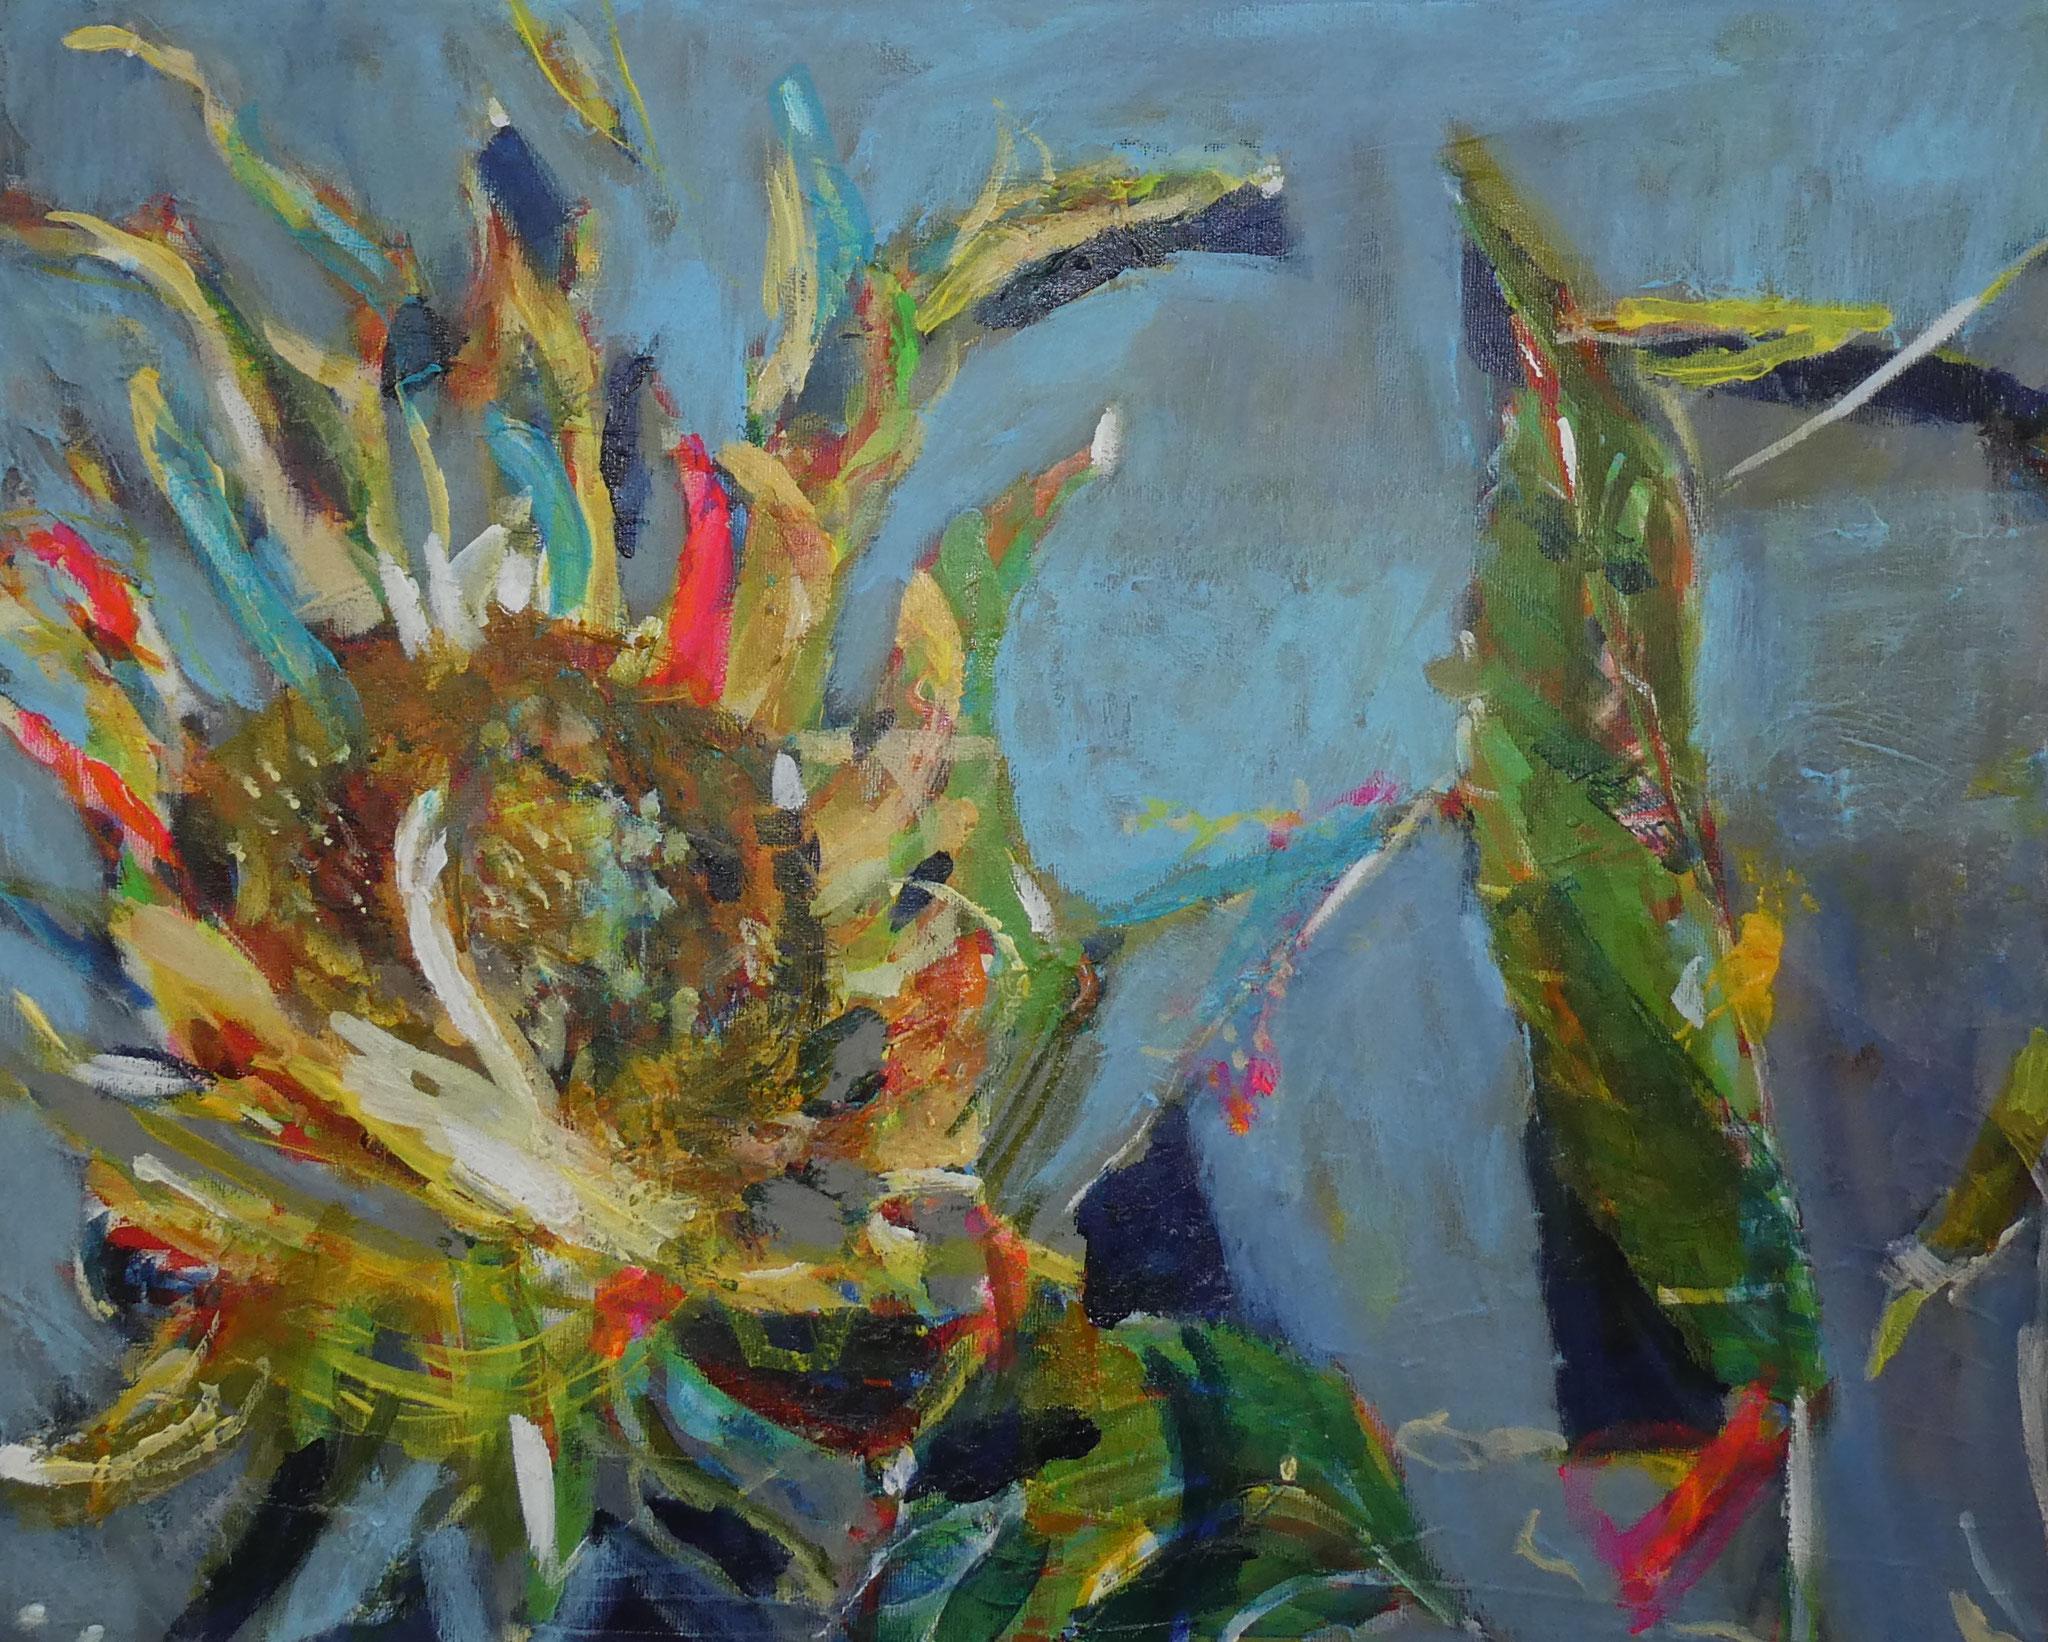 Sonnenblume 2,  40x50,  acrylic on canvas